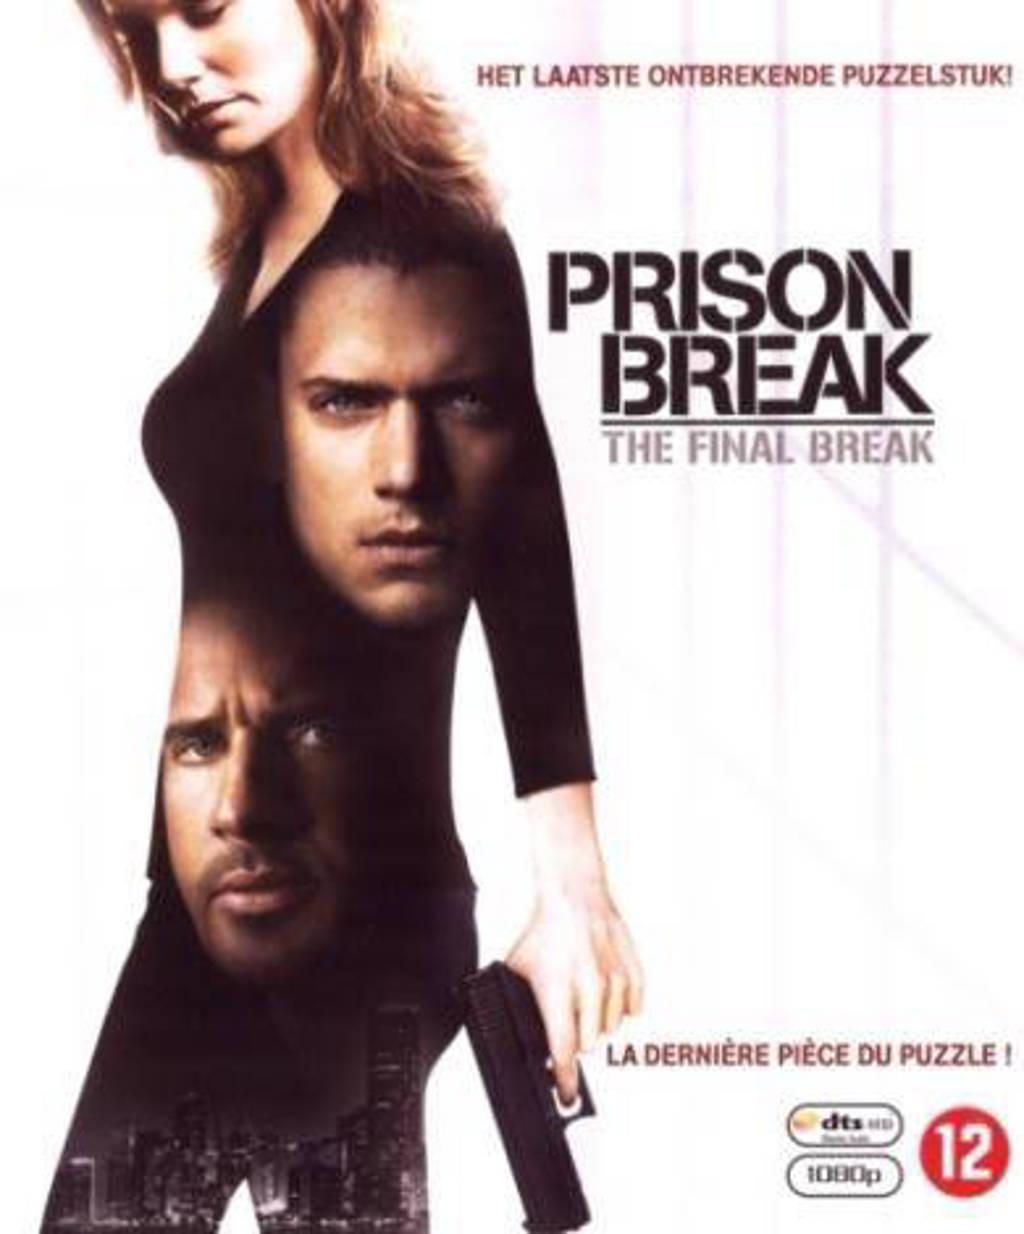 Prison break - The final break (Blu-ray)